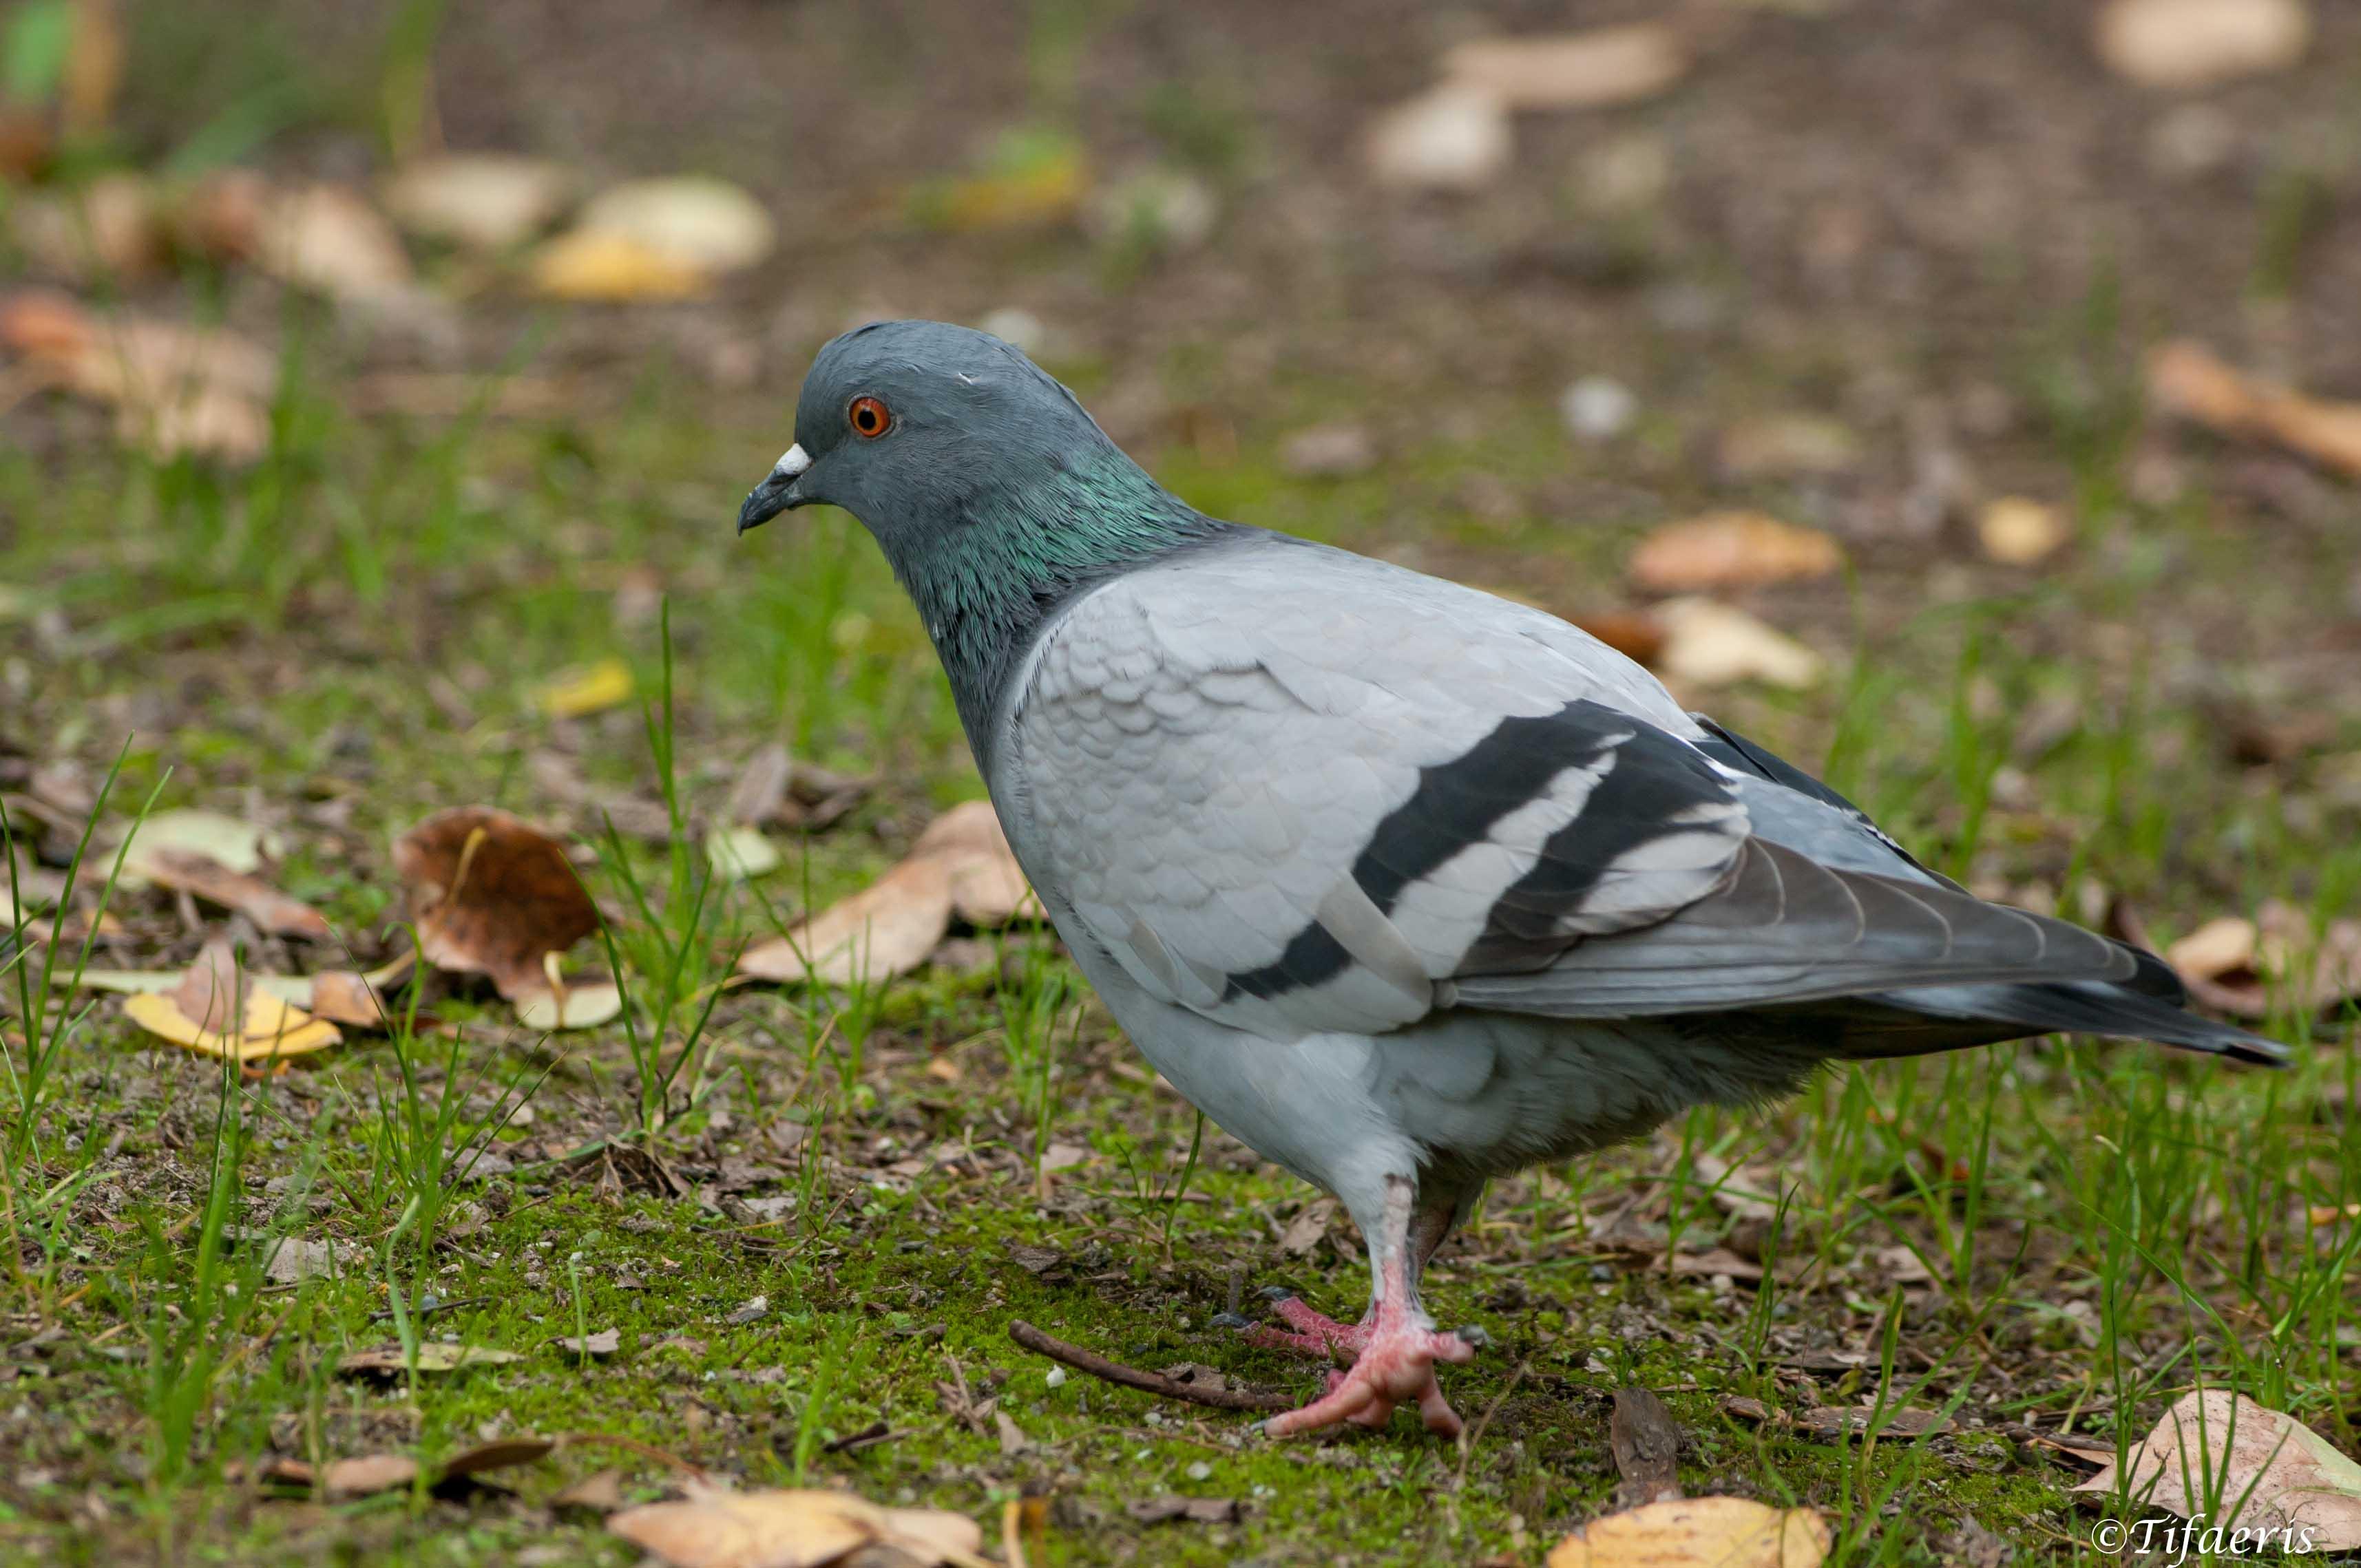 Coloriage Le Chien Et Le Pigeon.Coloriage Pigeon Gratuit A Imprimer